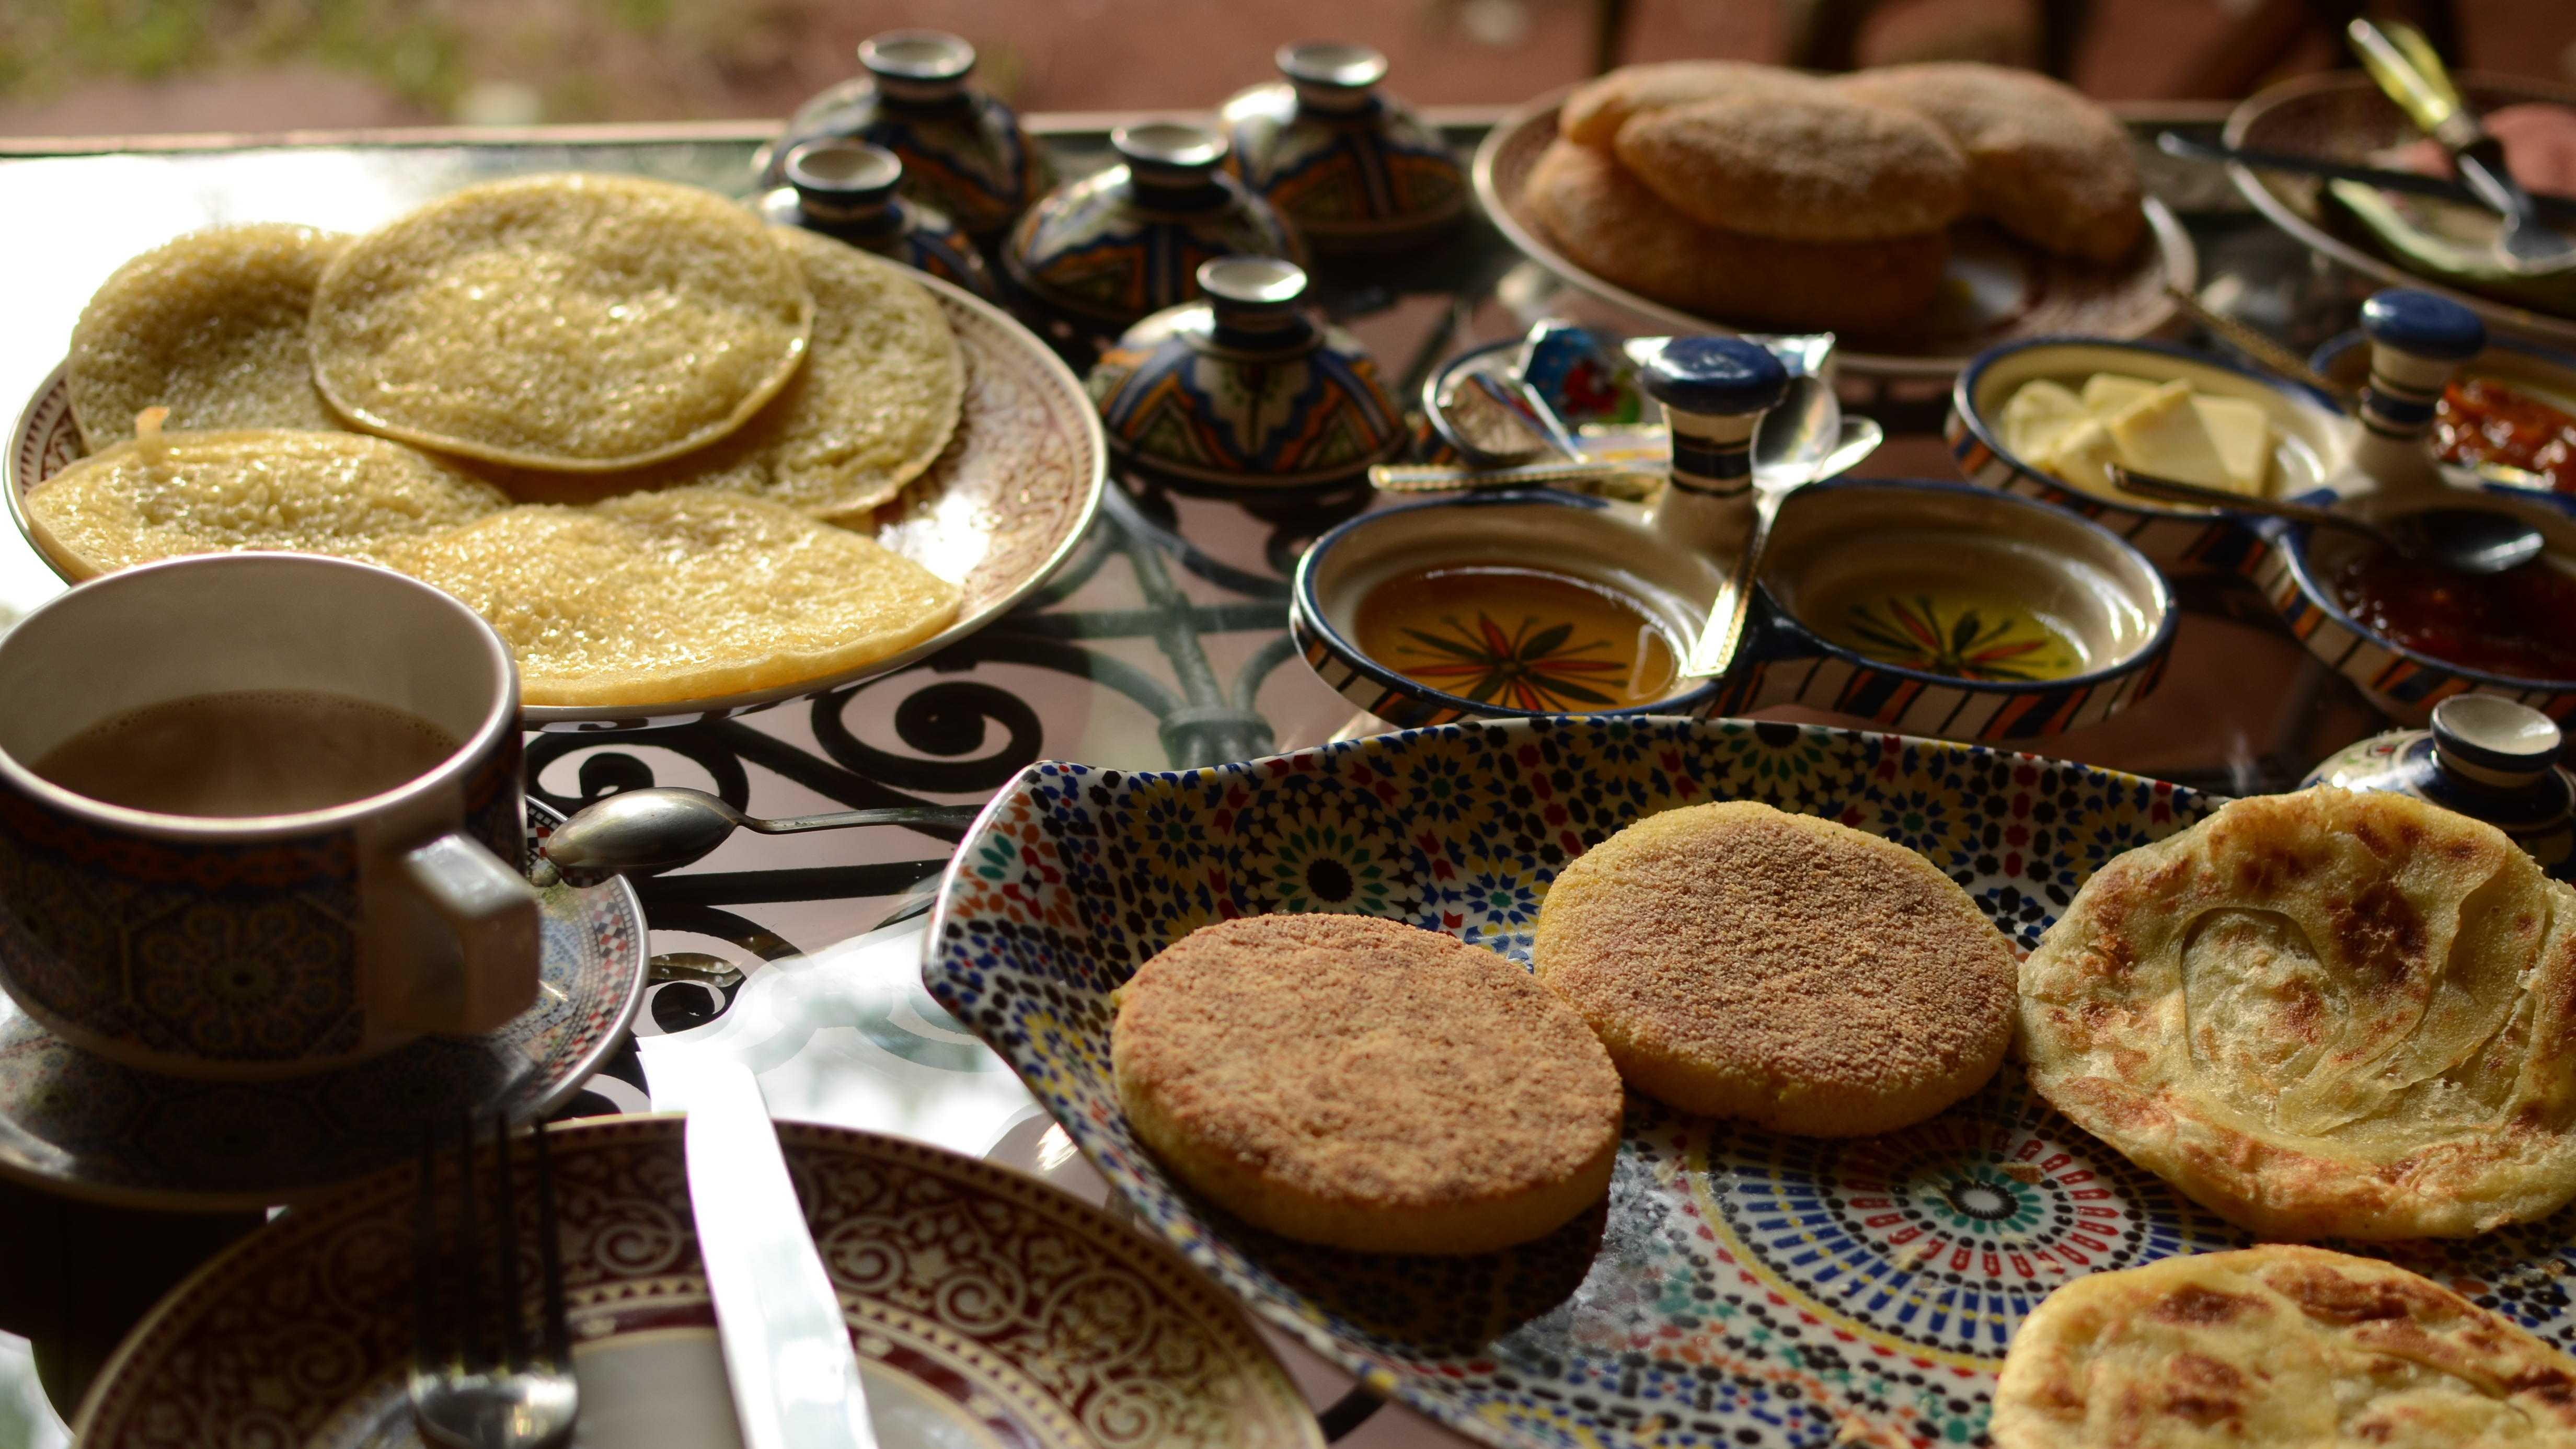 Breakfast still photos